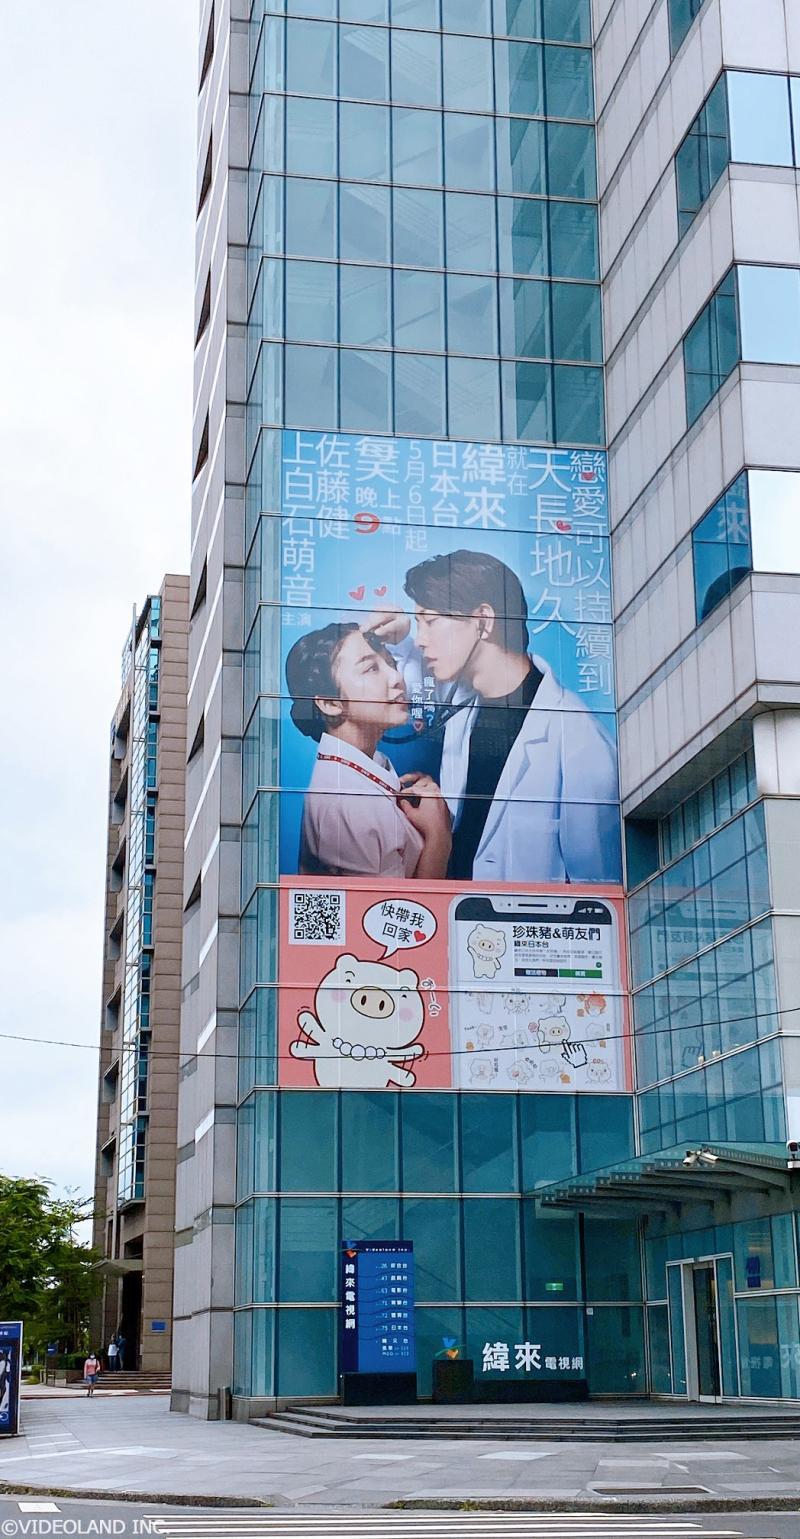 ▲▲戲劇海報貼上電視台大樓後,不少粉絲去拍照朝聖。(圖/緯來日本台)